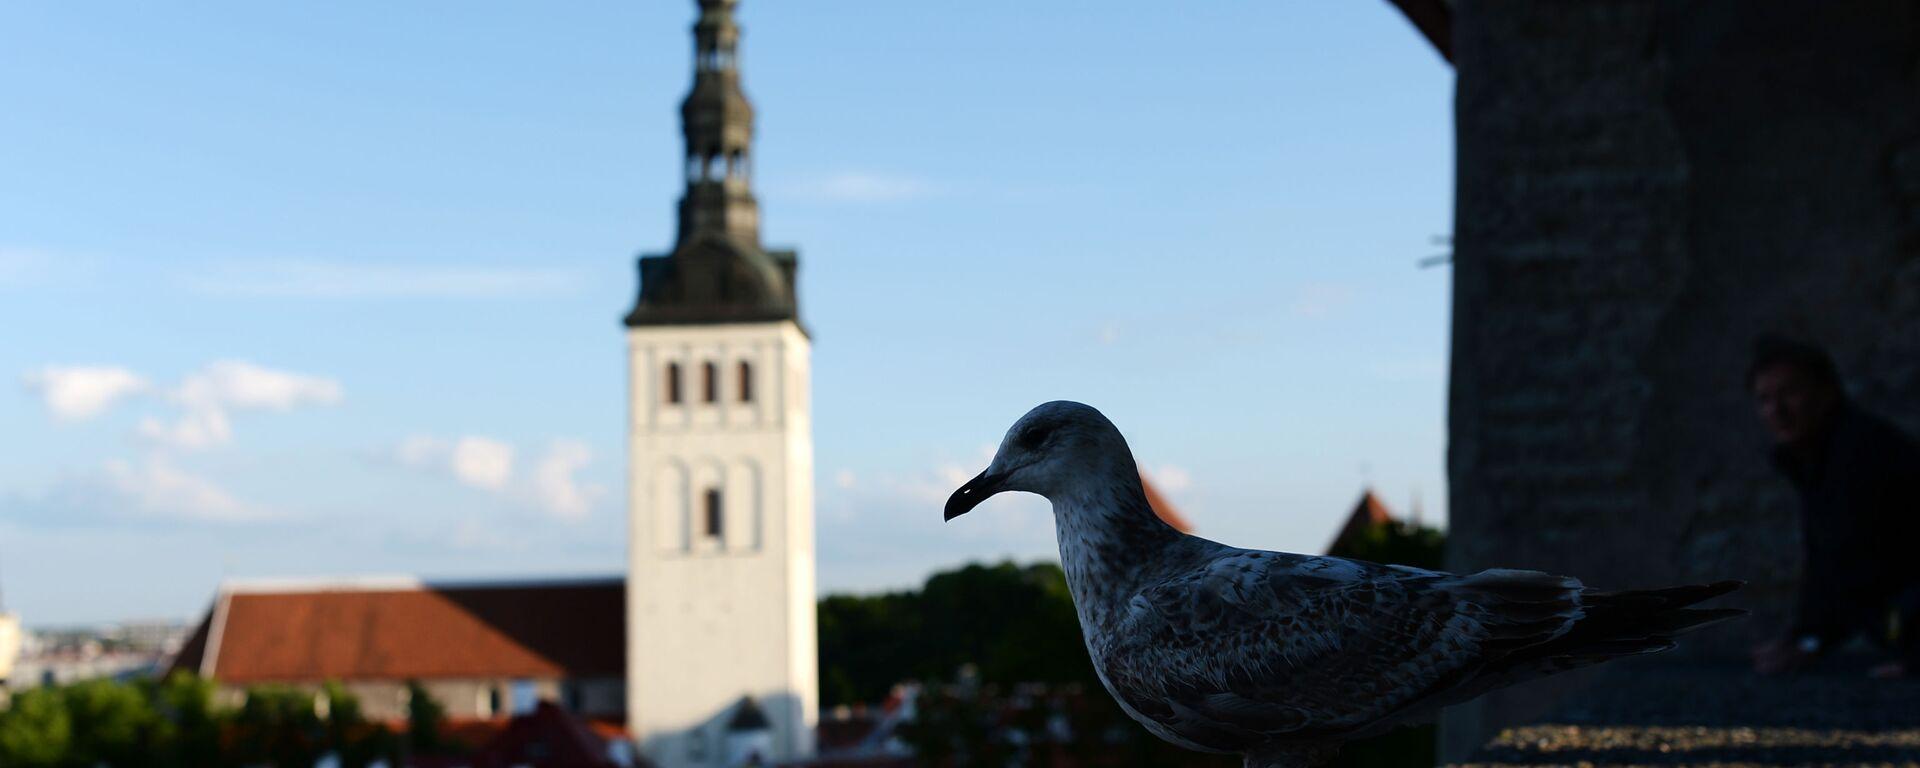 Tallinn - Sputnik Polska, 1920, 08.07.2021